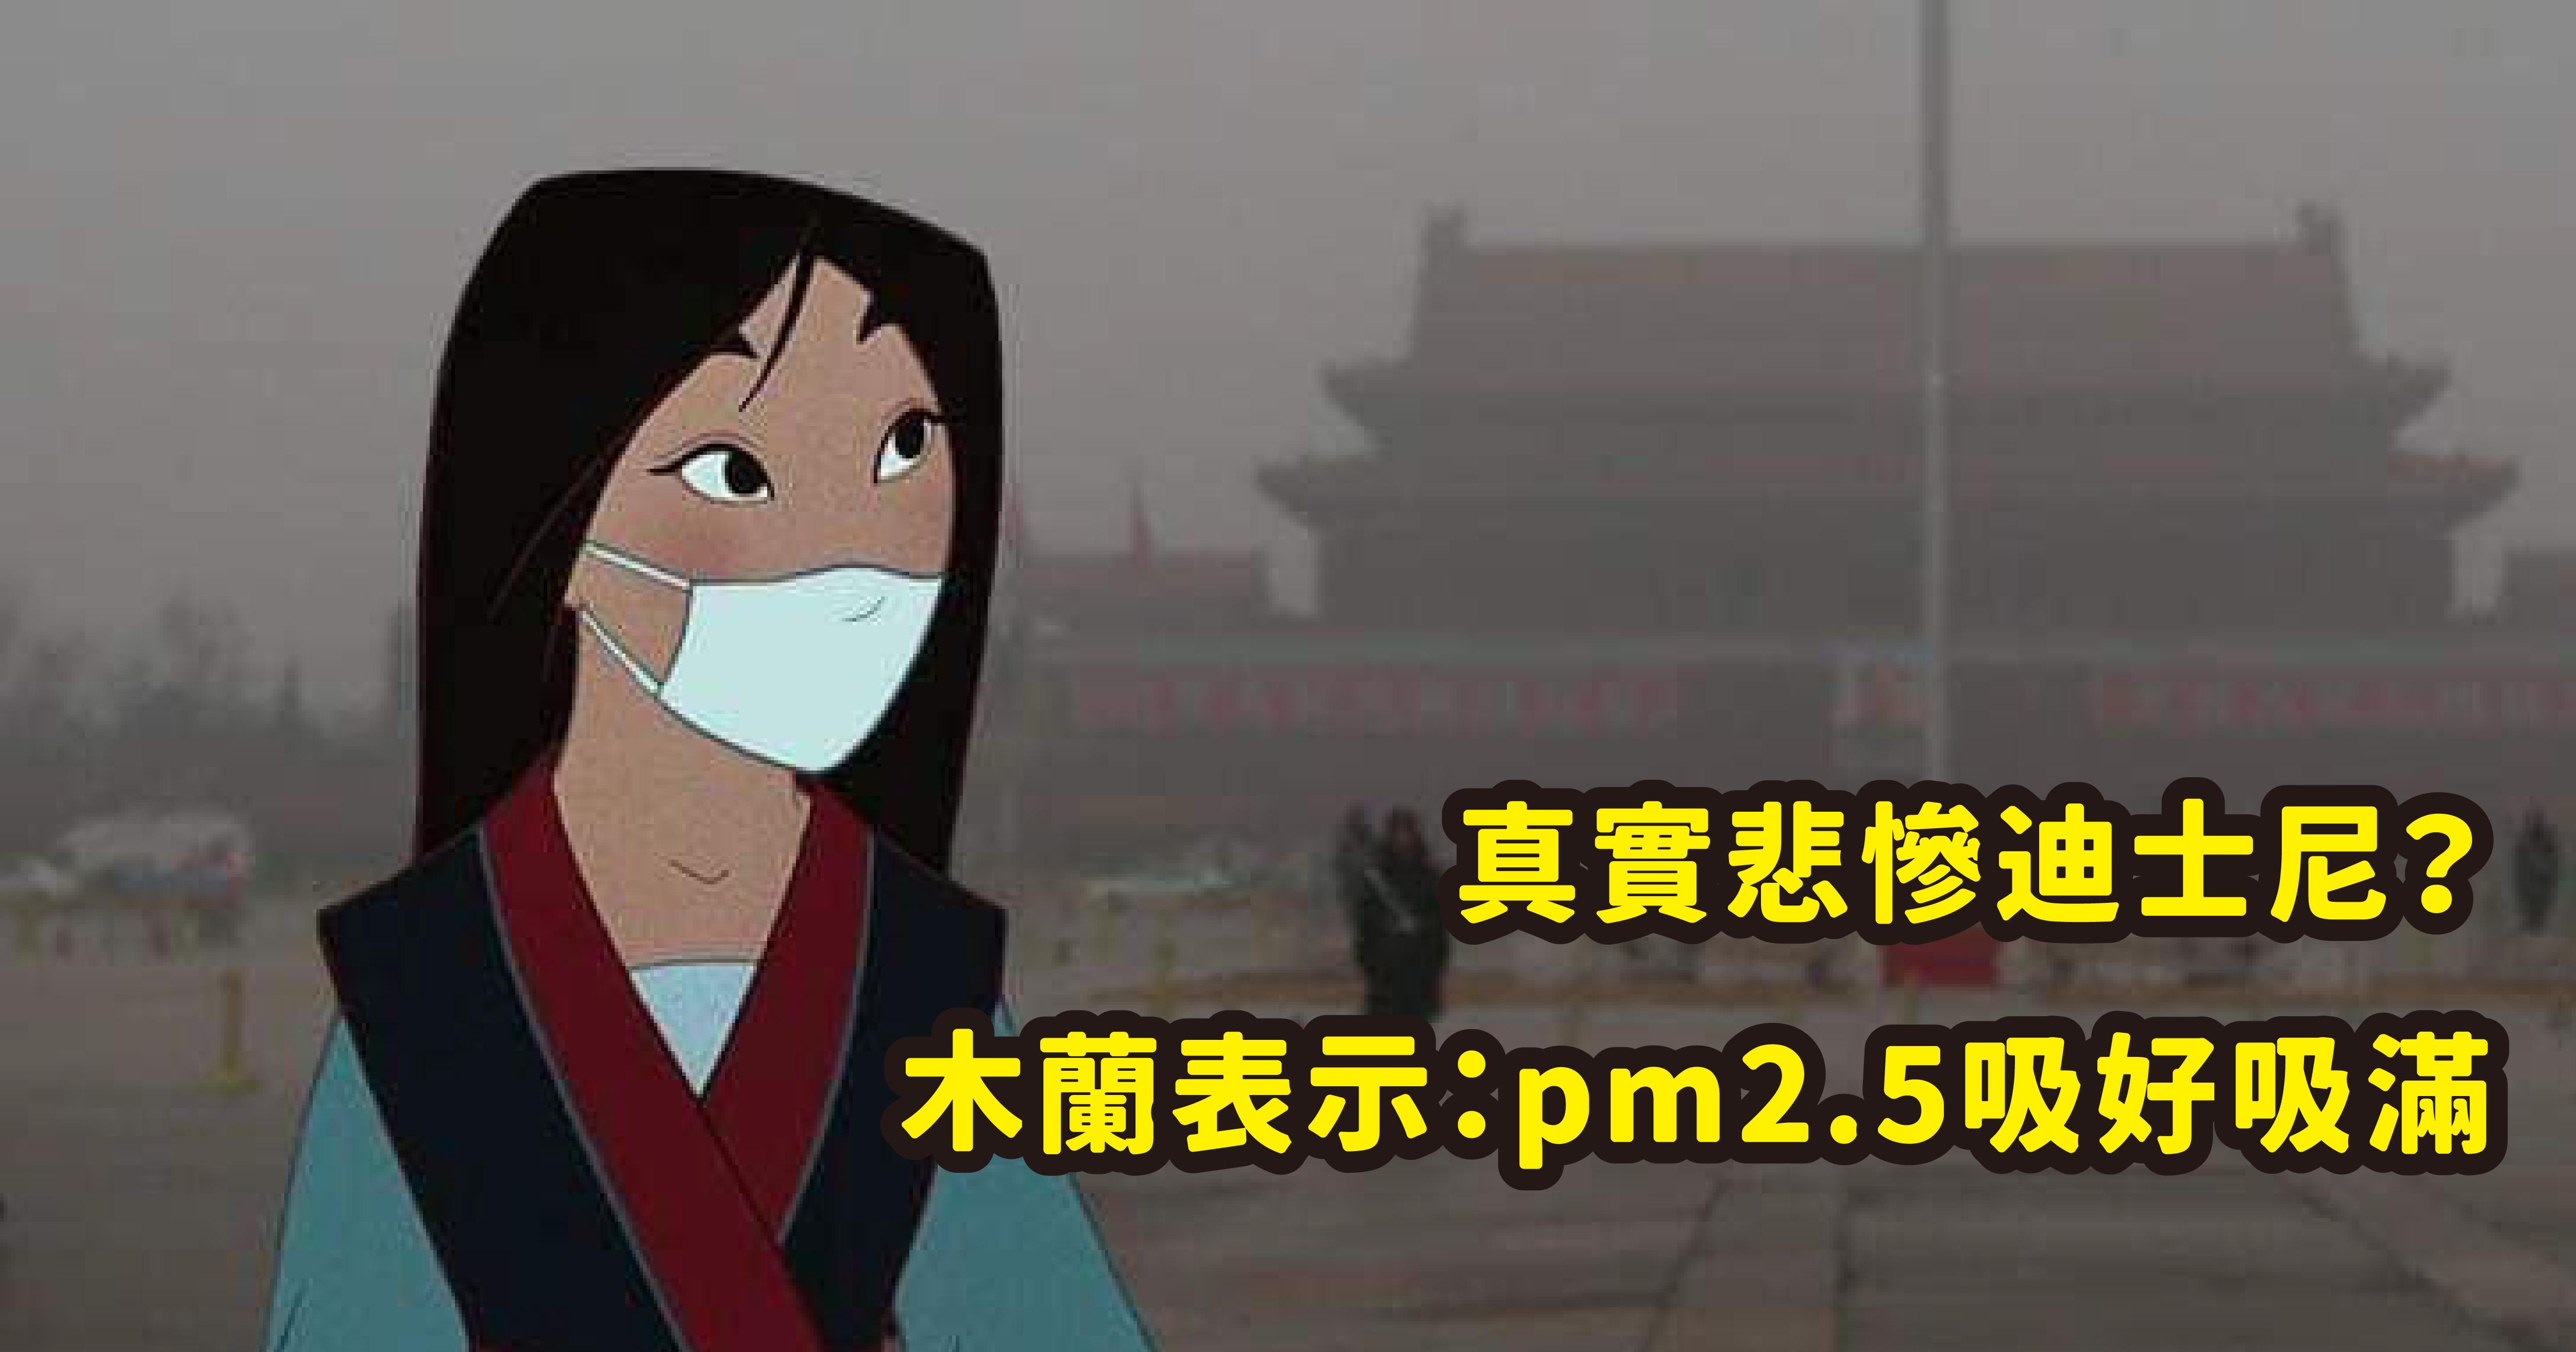 vonvone5b081e99da2 01.png - 真實世界悲慘版迪士尼!木蘭吸霧霾、艾莉兒被污染,童話故事果然都是騙人的?